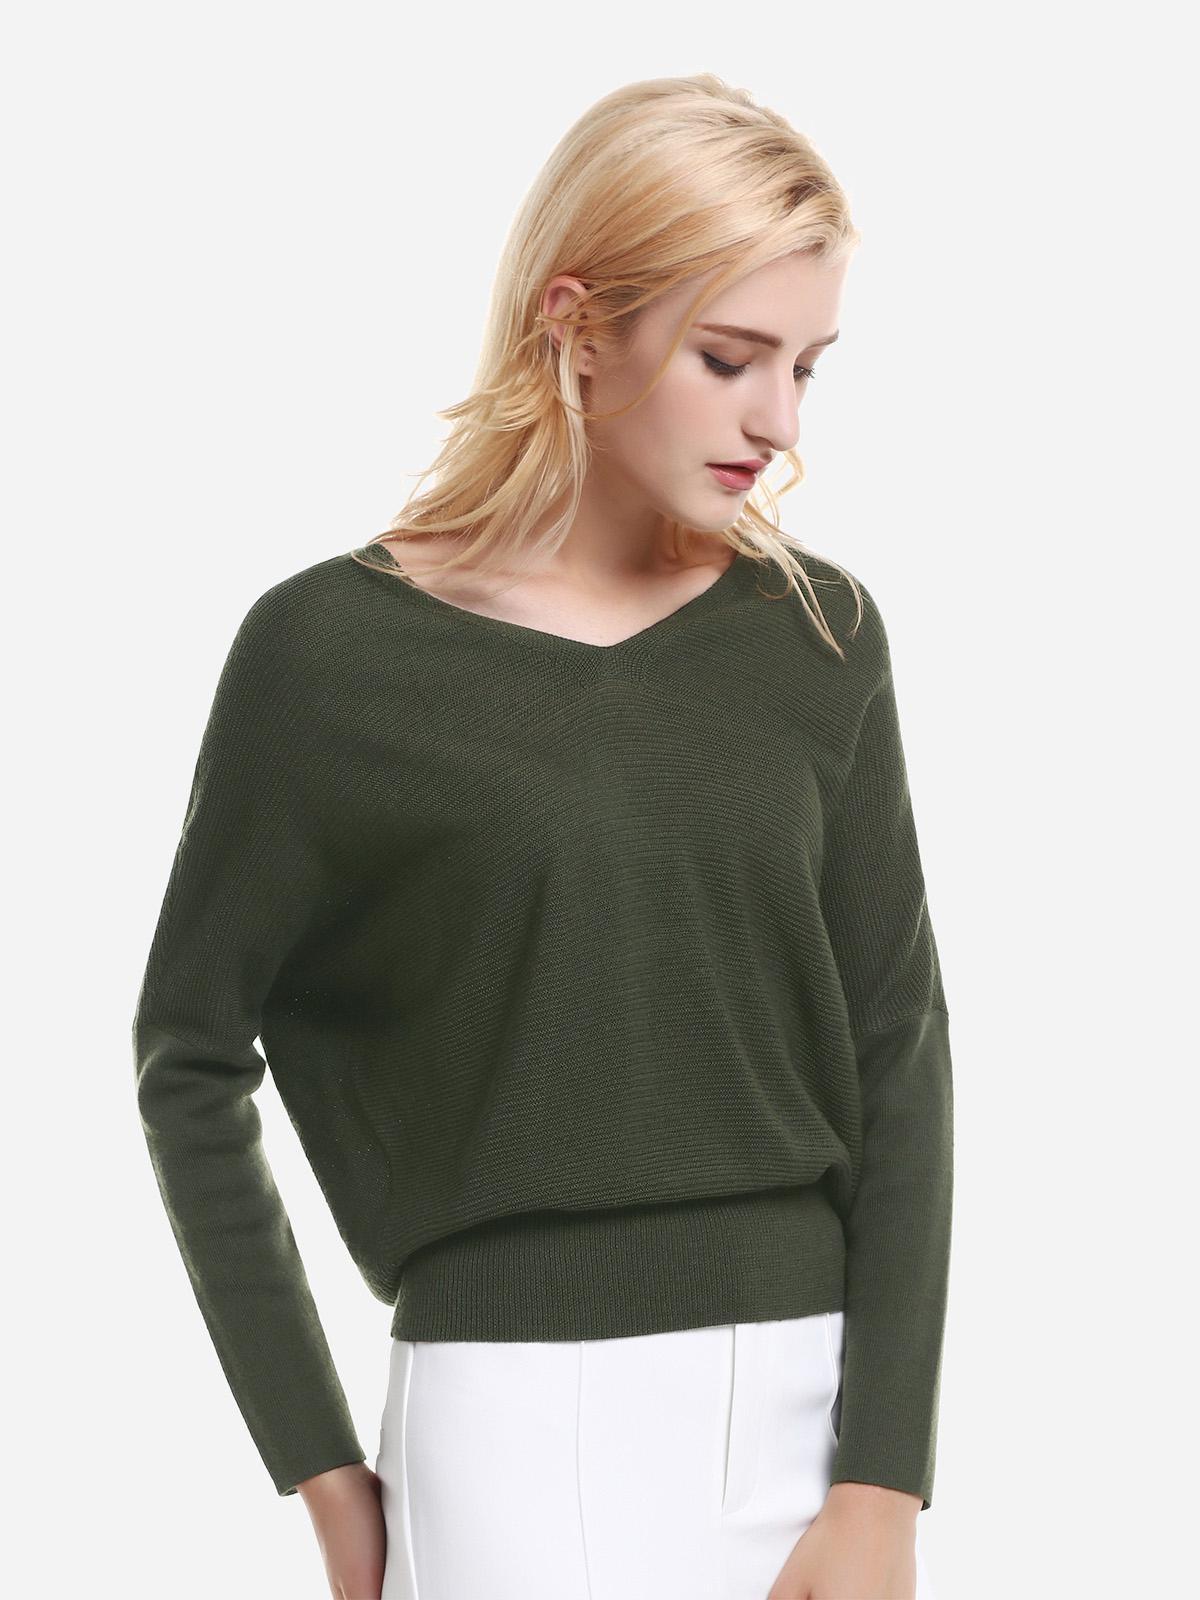 ZAN.STYLE V Neck Dolman Sleeve Sweater Knitwear